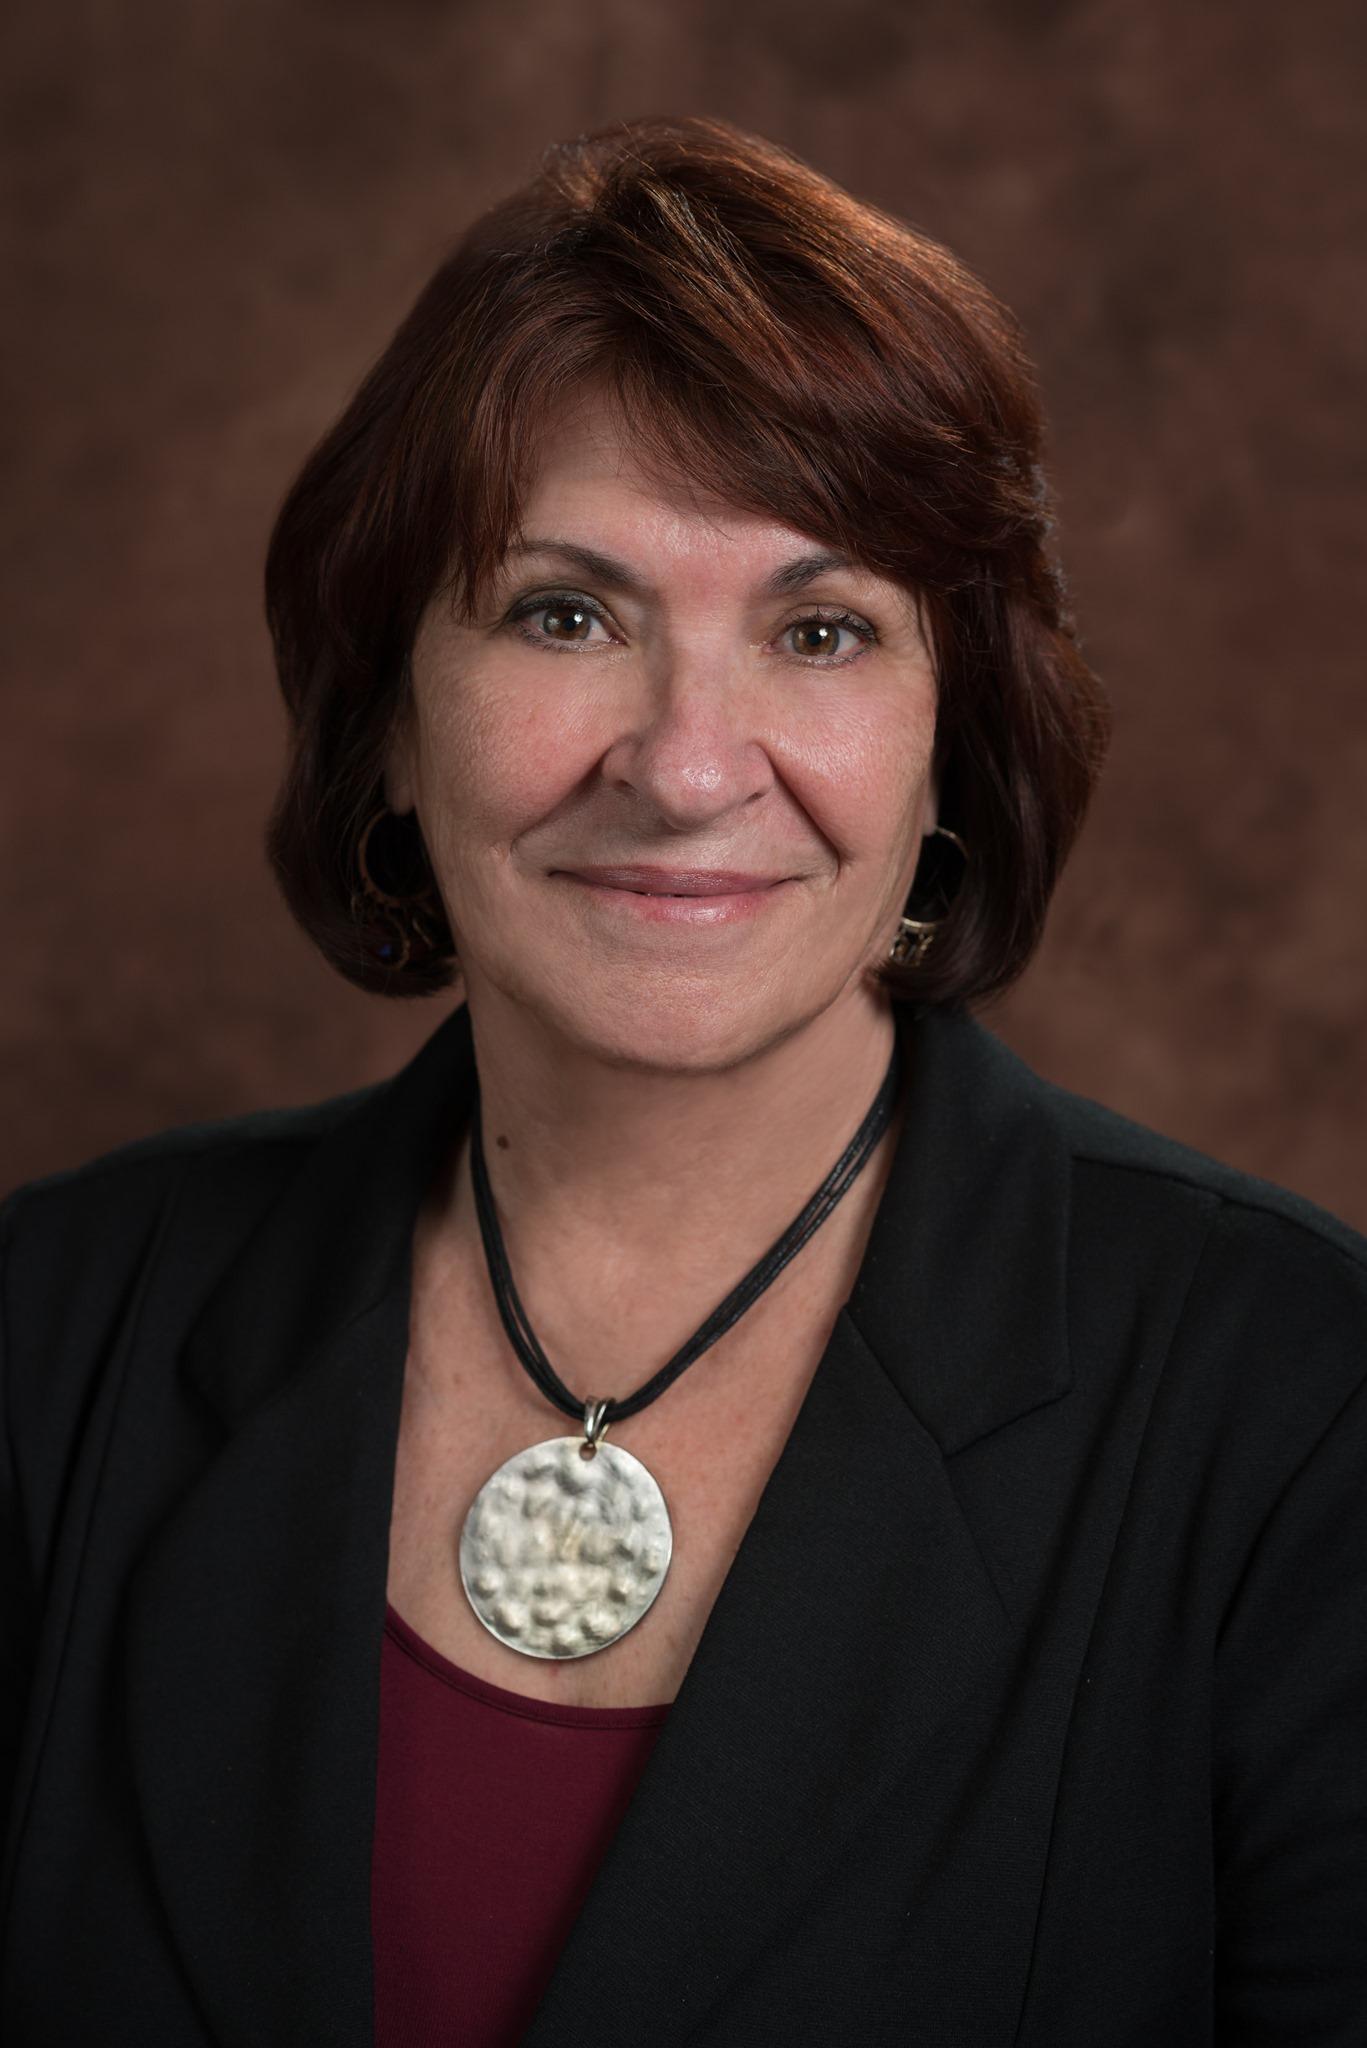 Barbara Mahoney